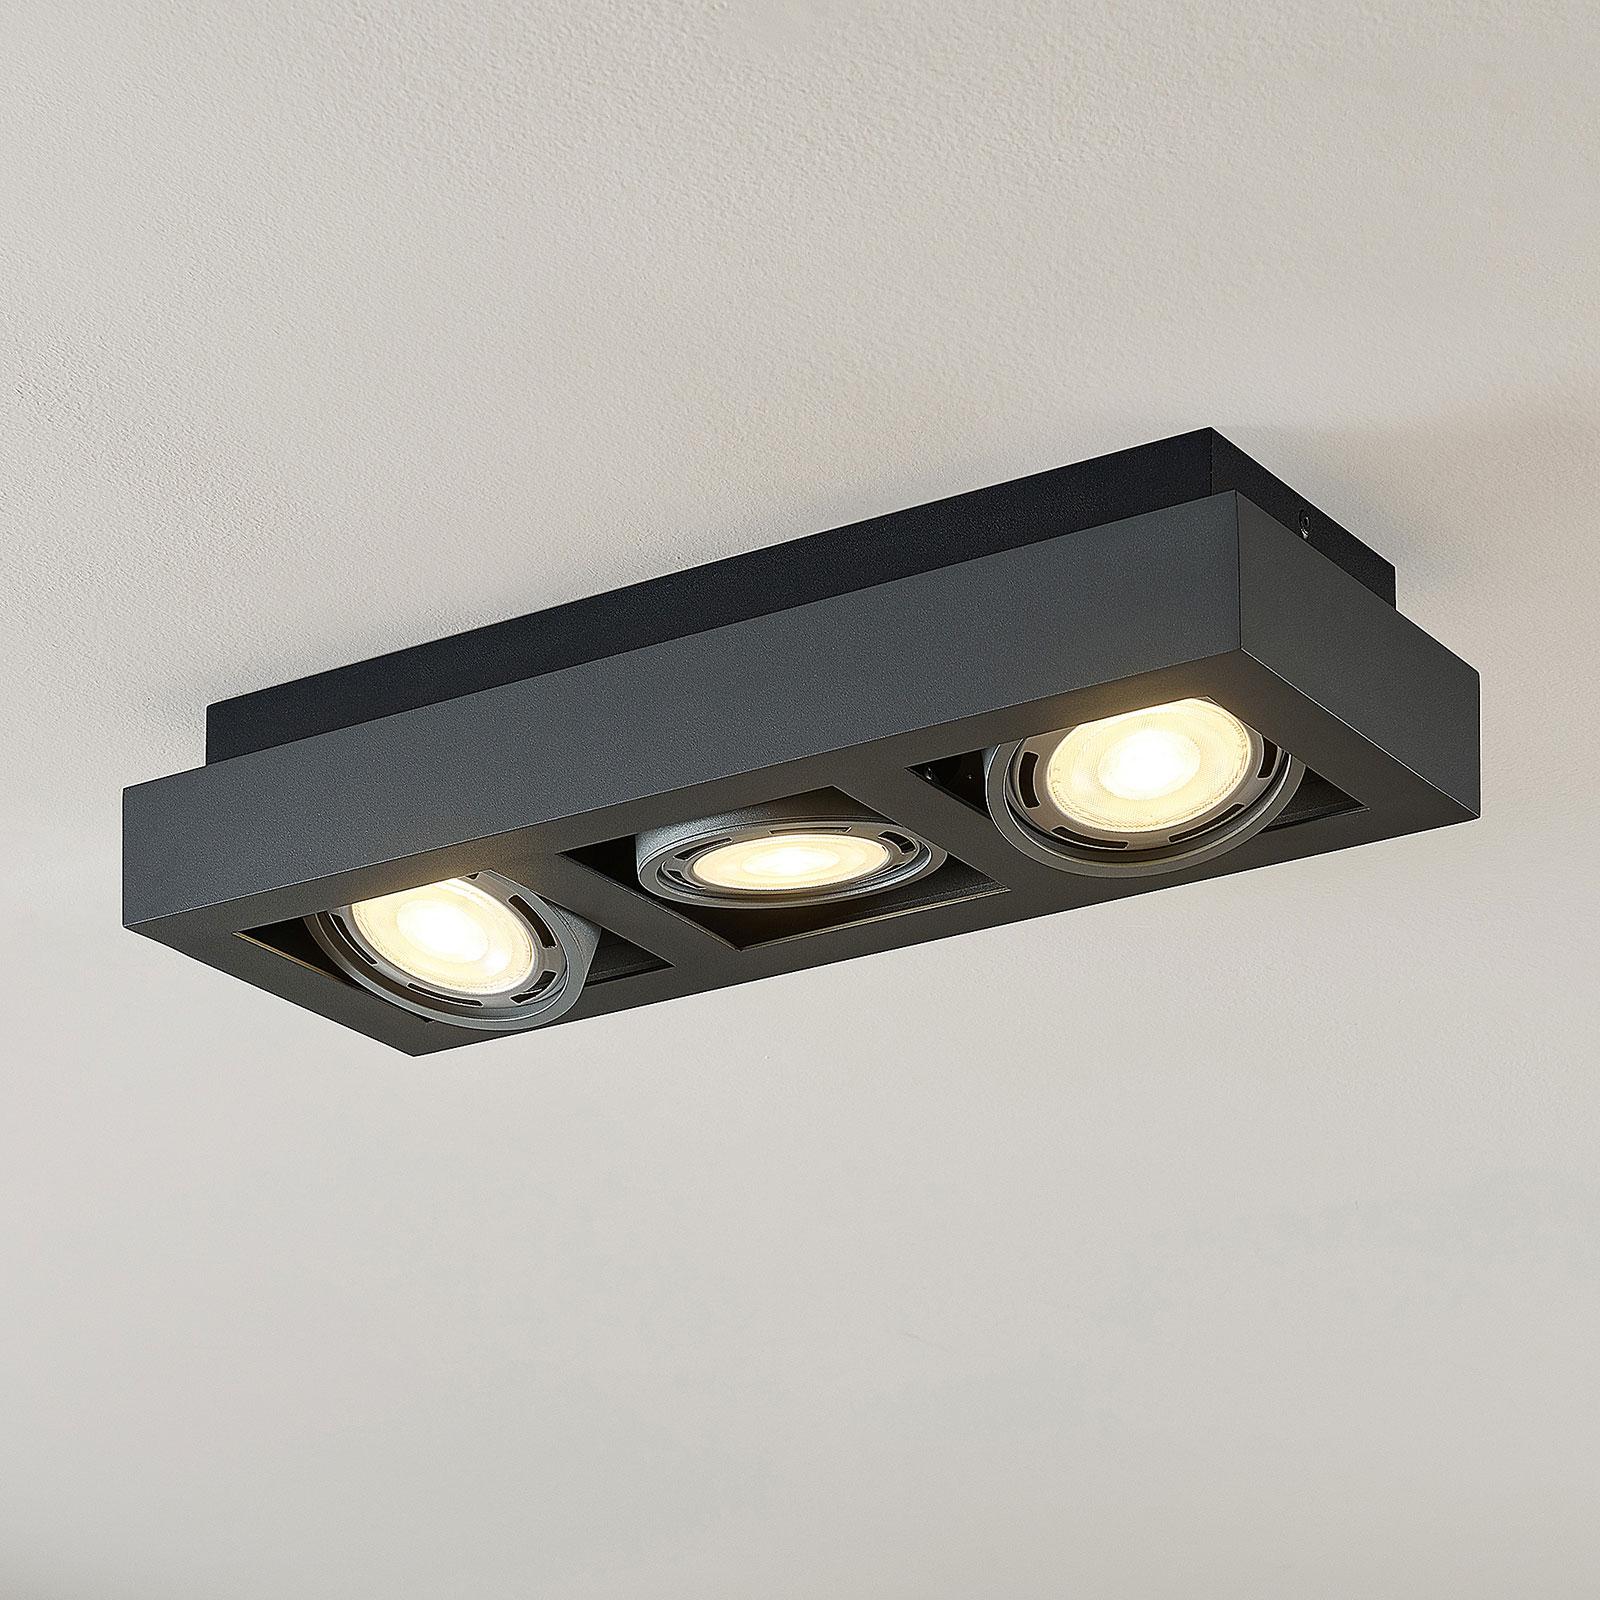 LED loftspot Ronka, GU10, 3 lyskilder, mørkegrå